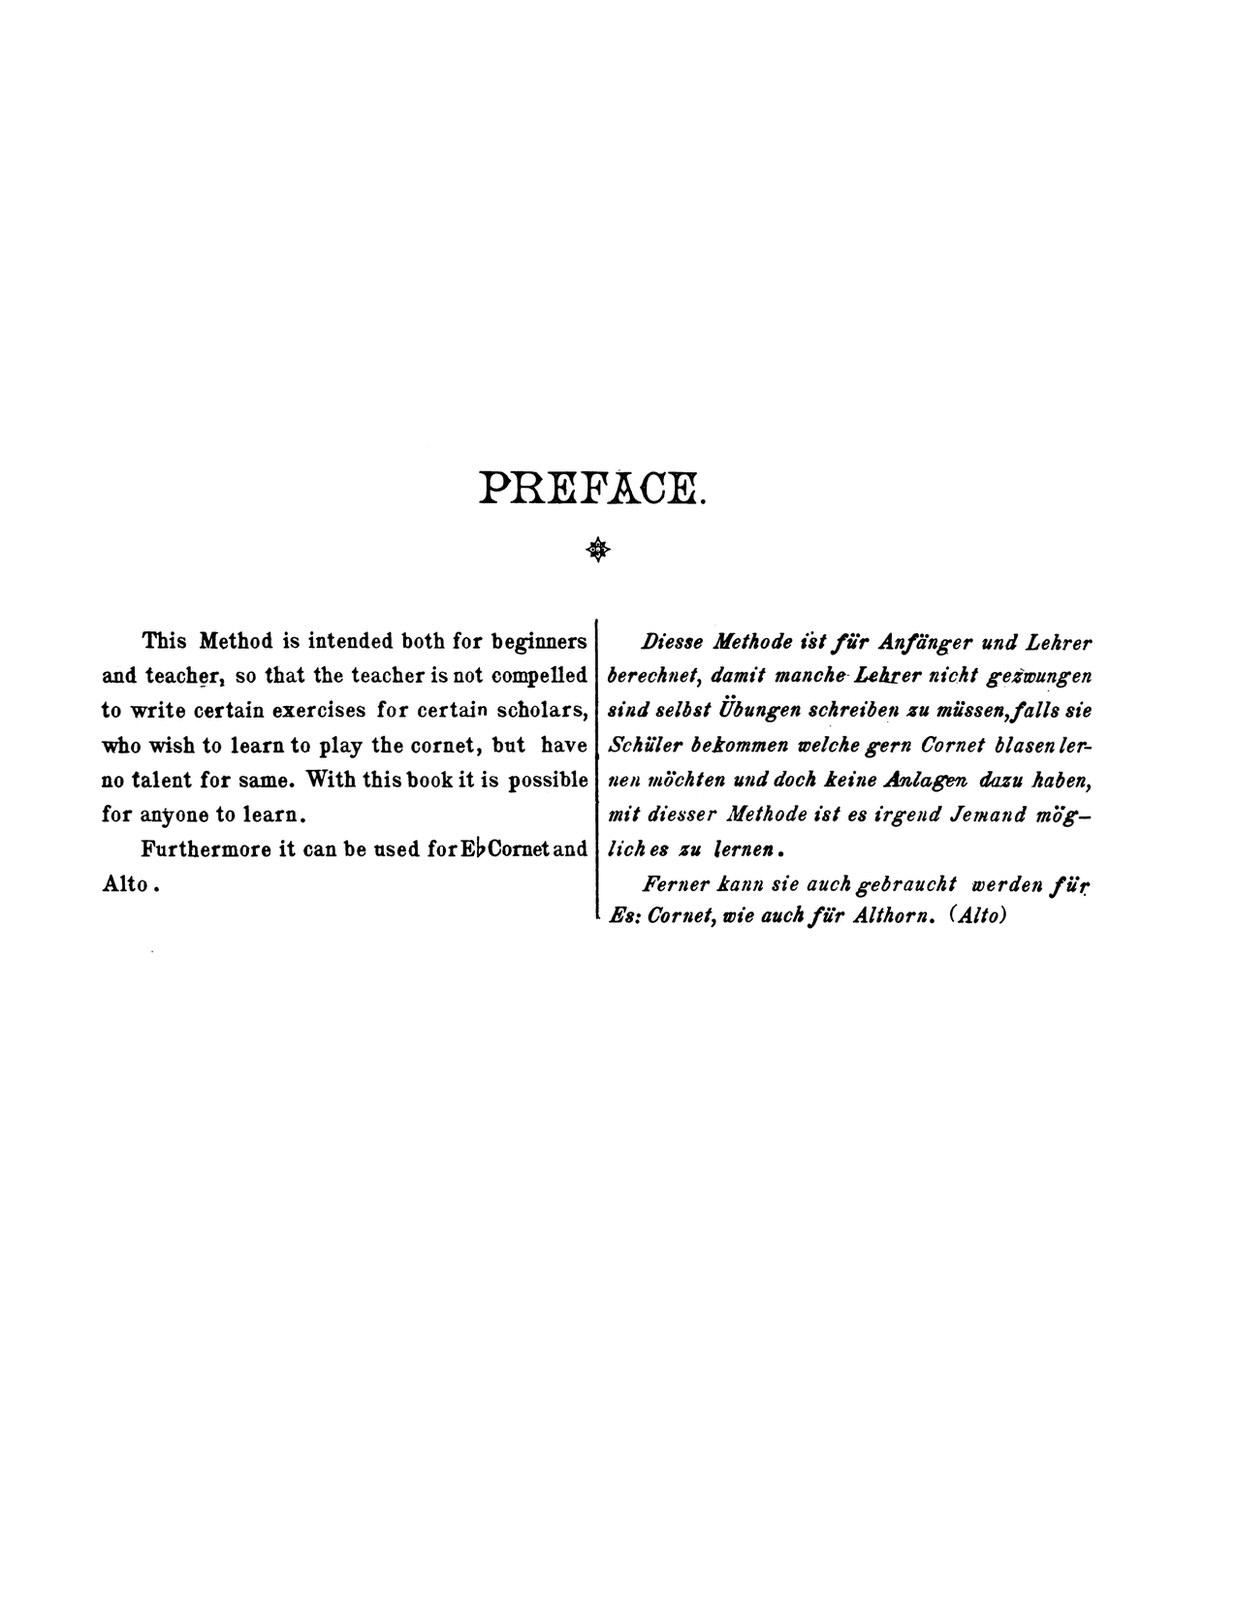 John, Albin, New Practical Cornet Method for Beginners 2